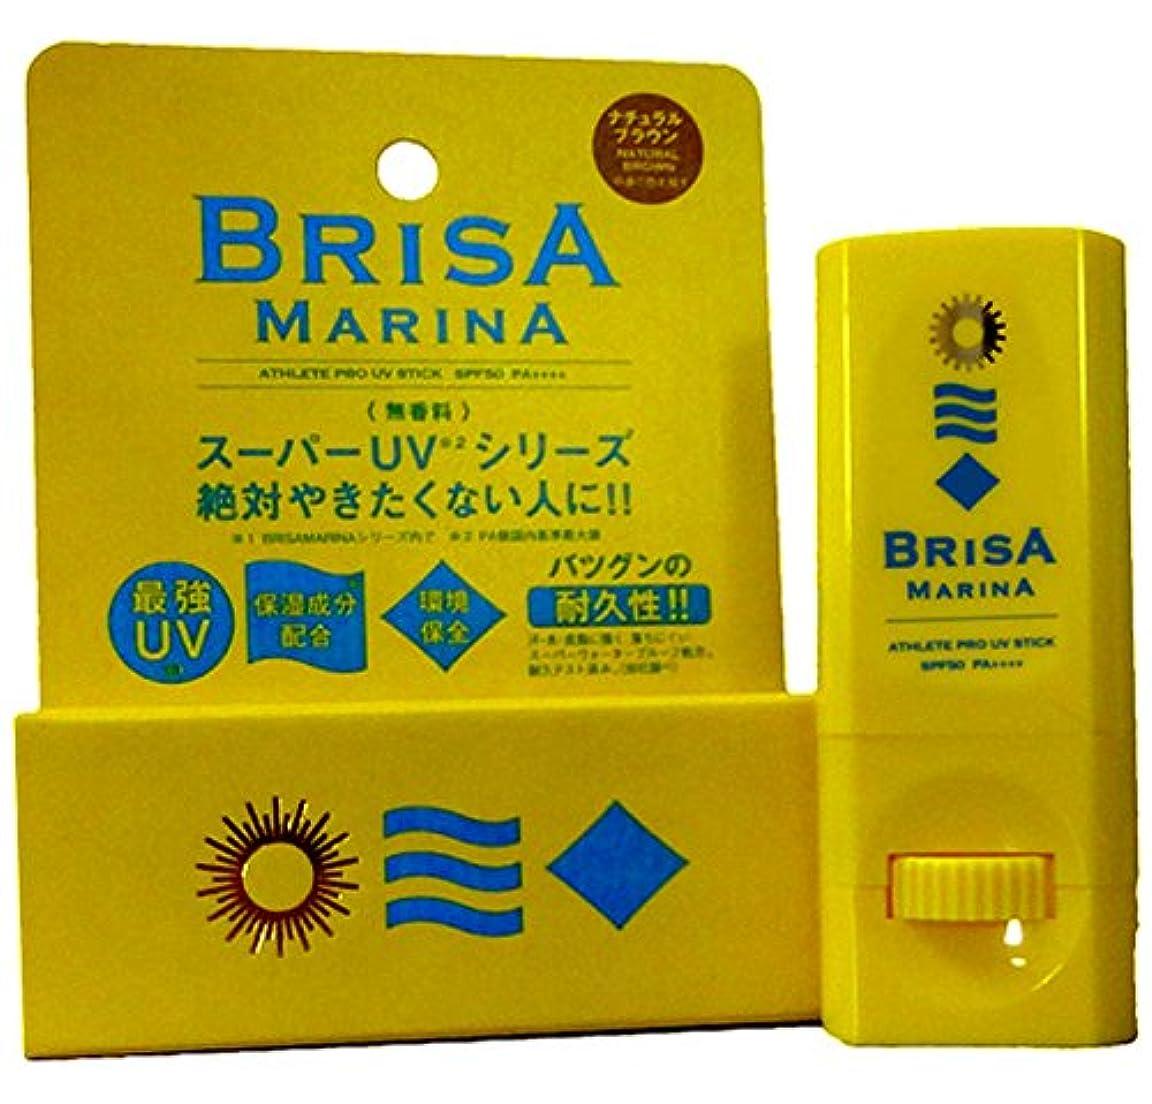 海軍瞑想する高潔なBRISA MARINA(ブリサマリーナ) ATHLETE PRO UV STICK 10g 日焼け止め スティック (01-WHITE)